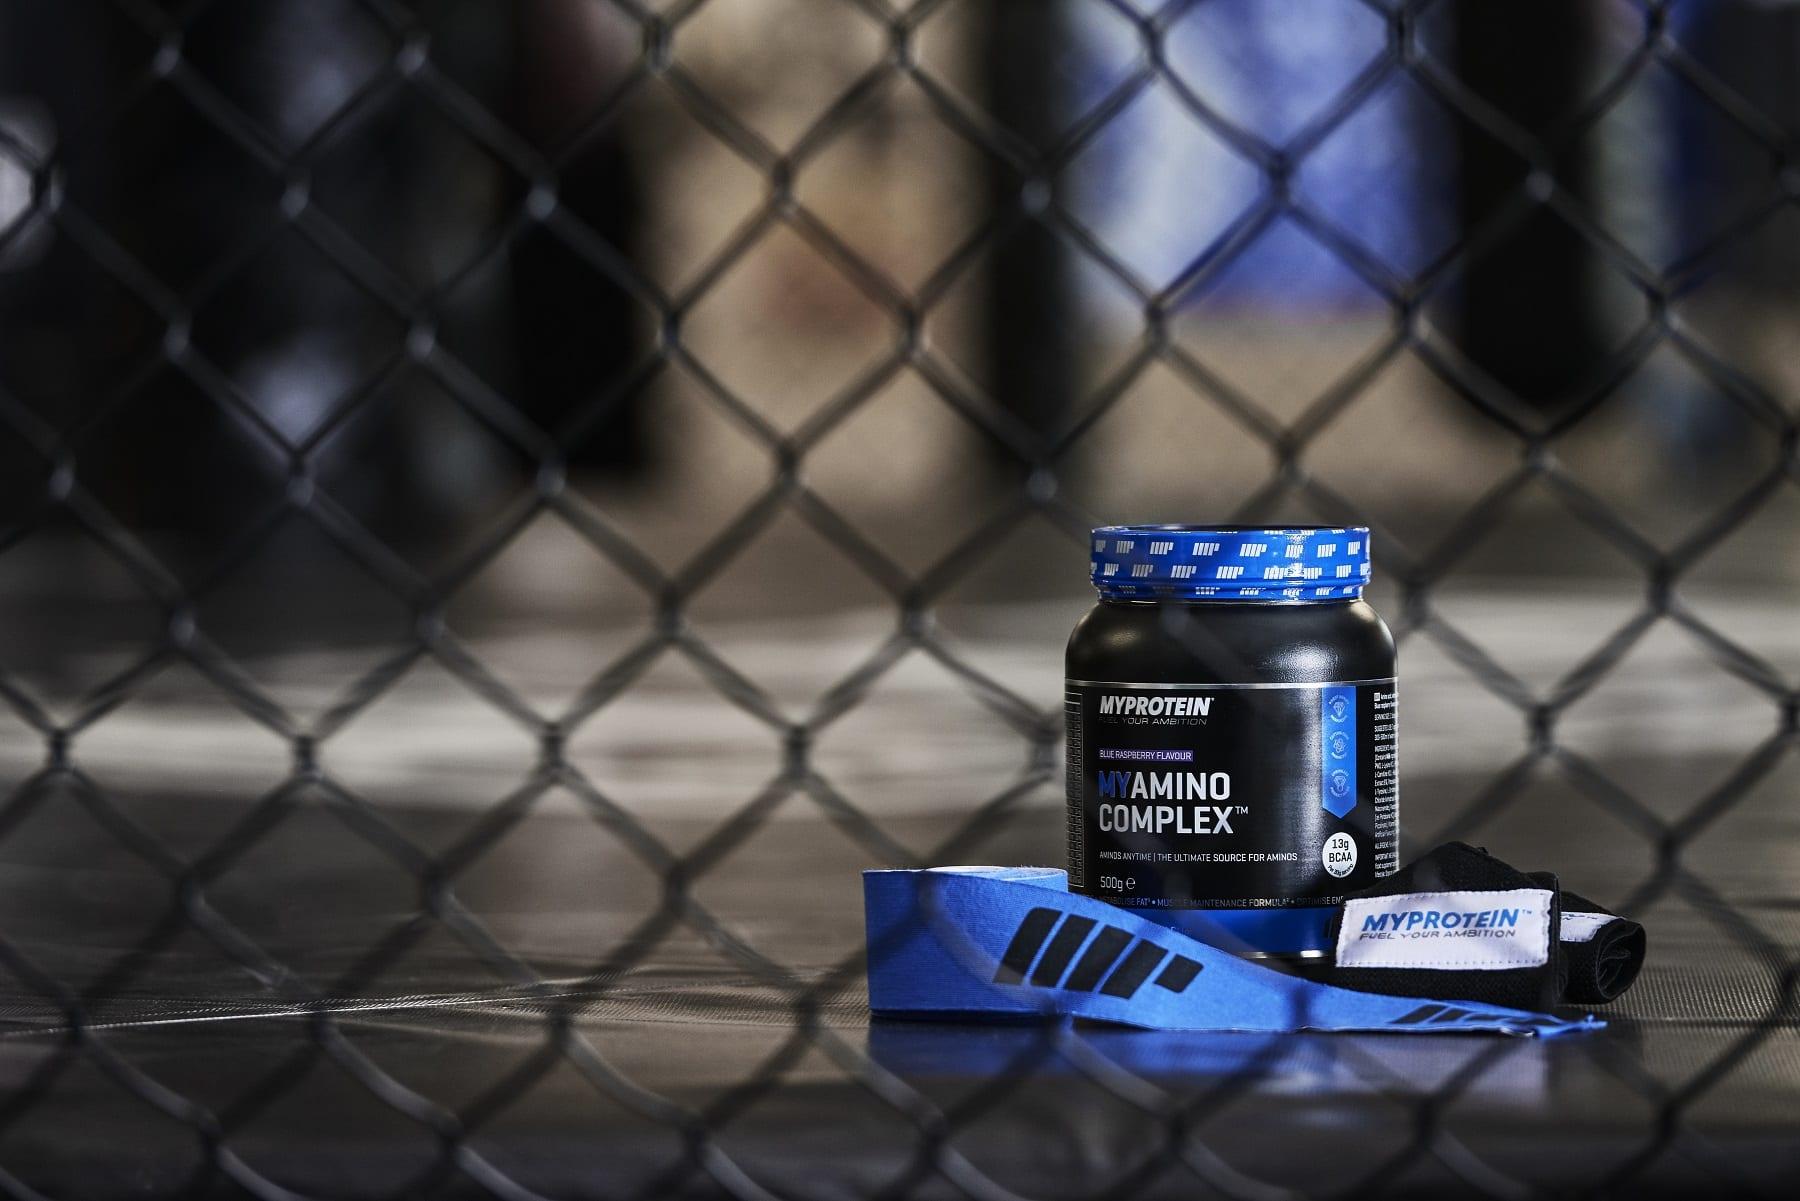 Myprotein Conor Mcgregor MMA Training